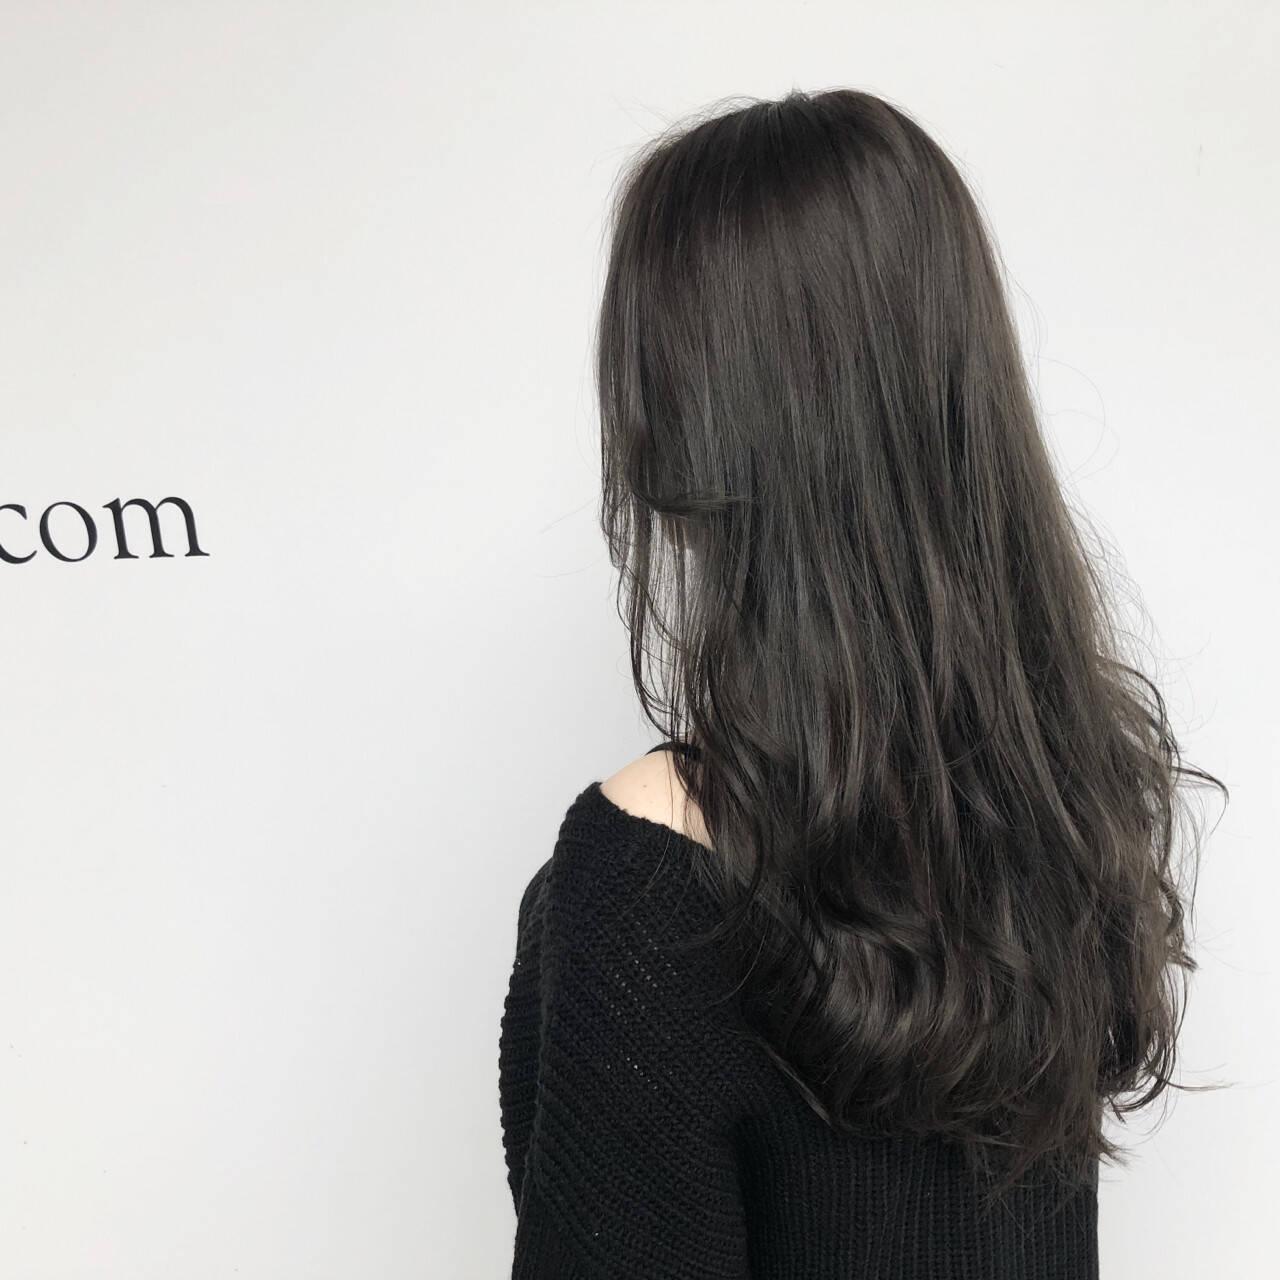 レイヤーカット 透明感 おフェロ ロングヘアスタイルや髪型の写真・画像